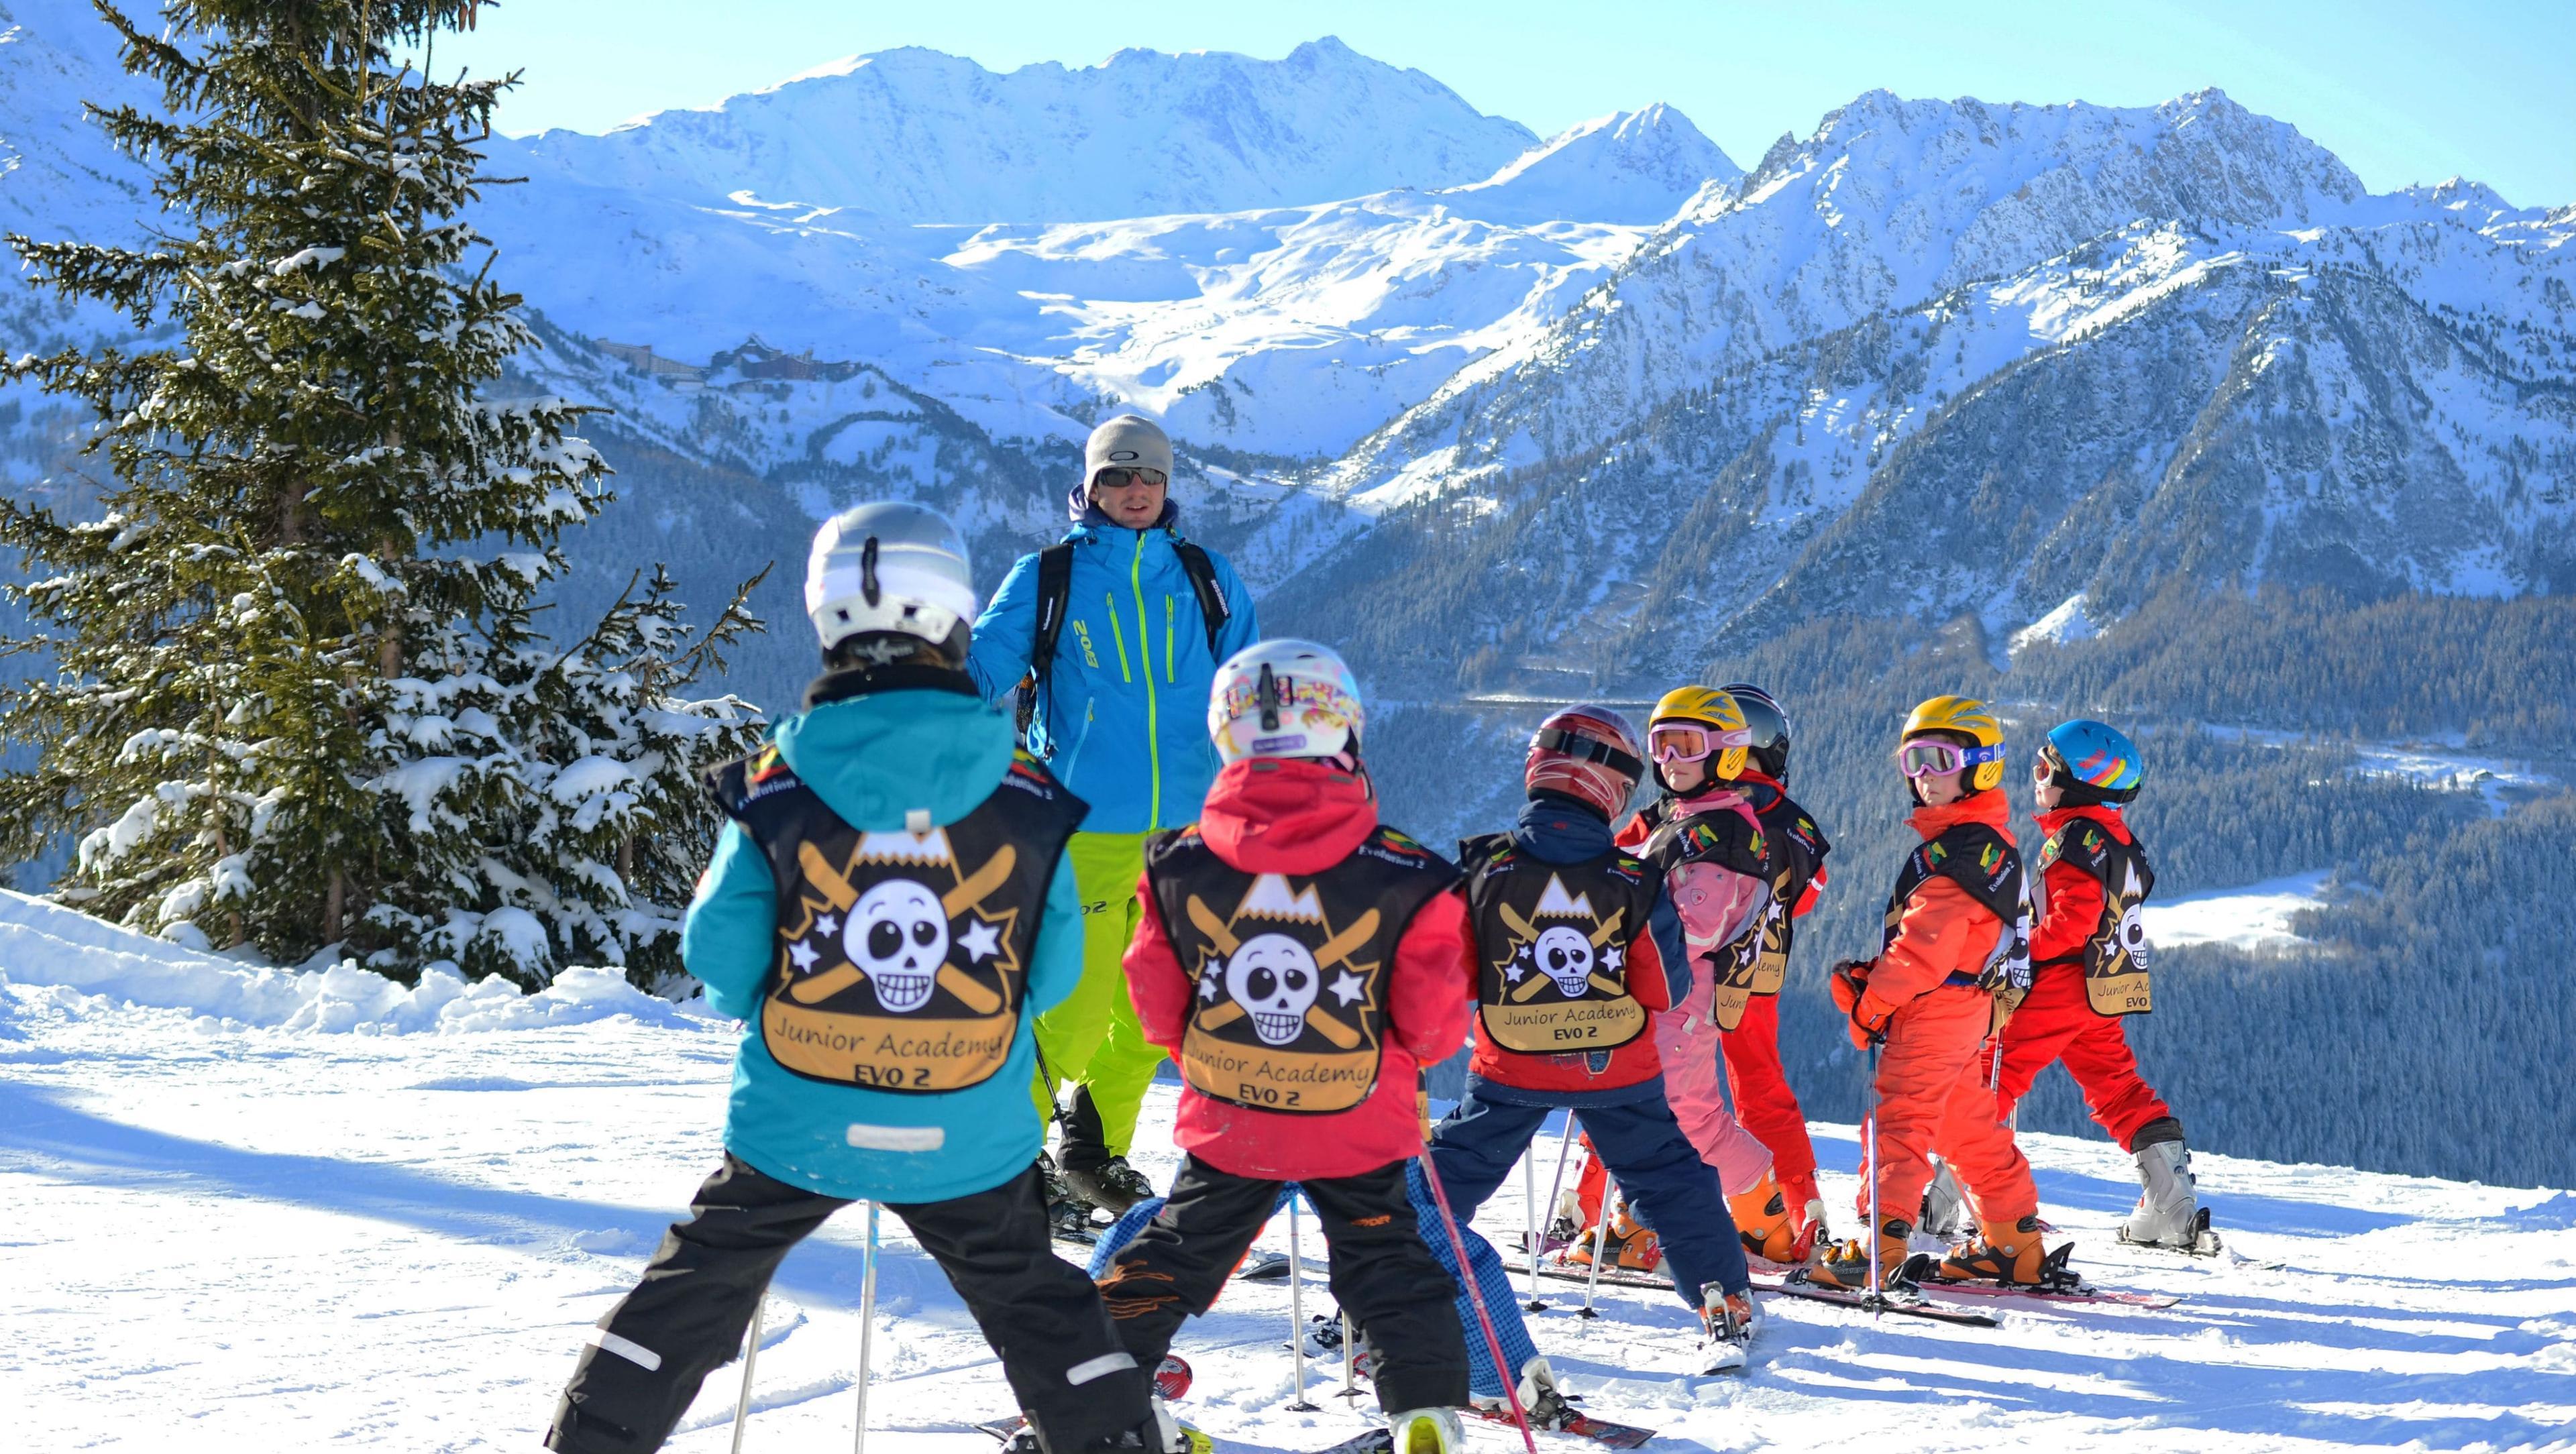 Cours de ski pour Enfants (5-12 ans) - Basse saison